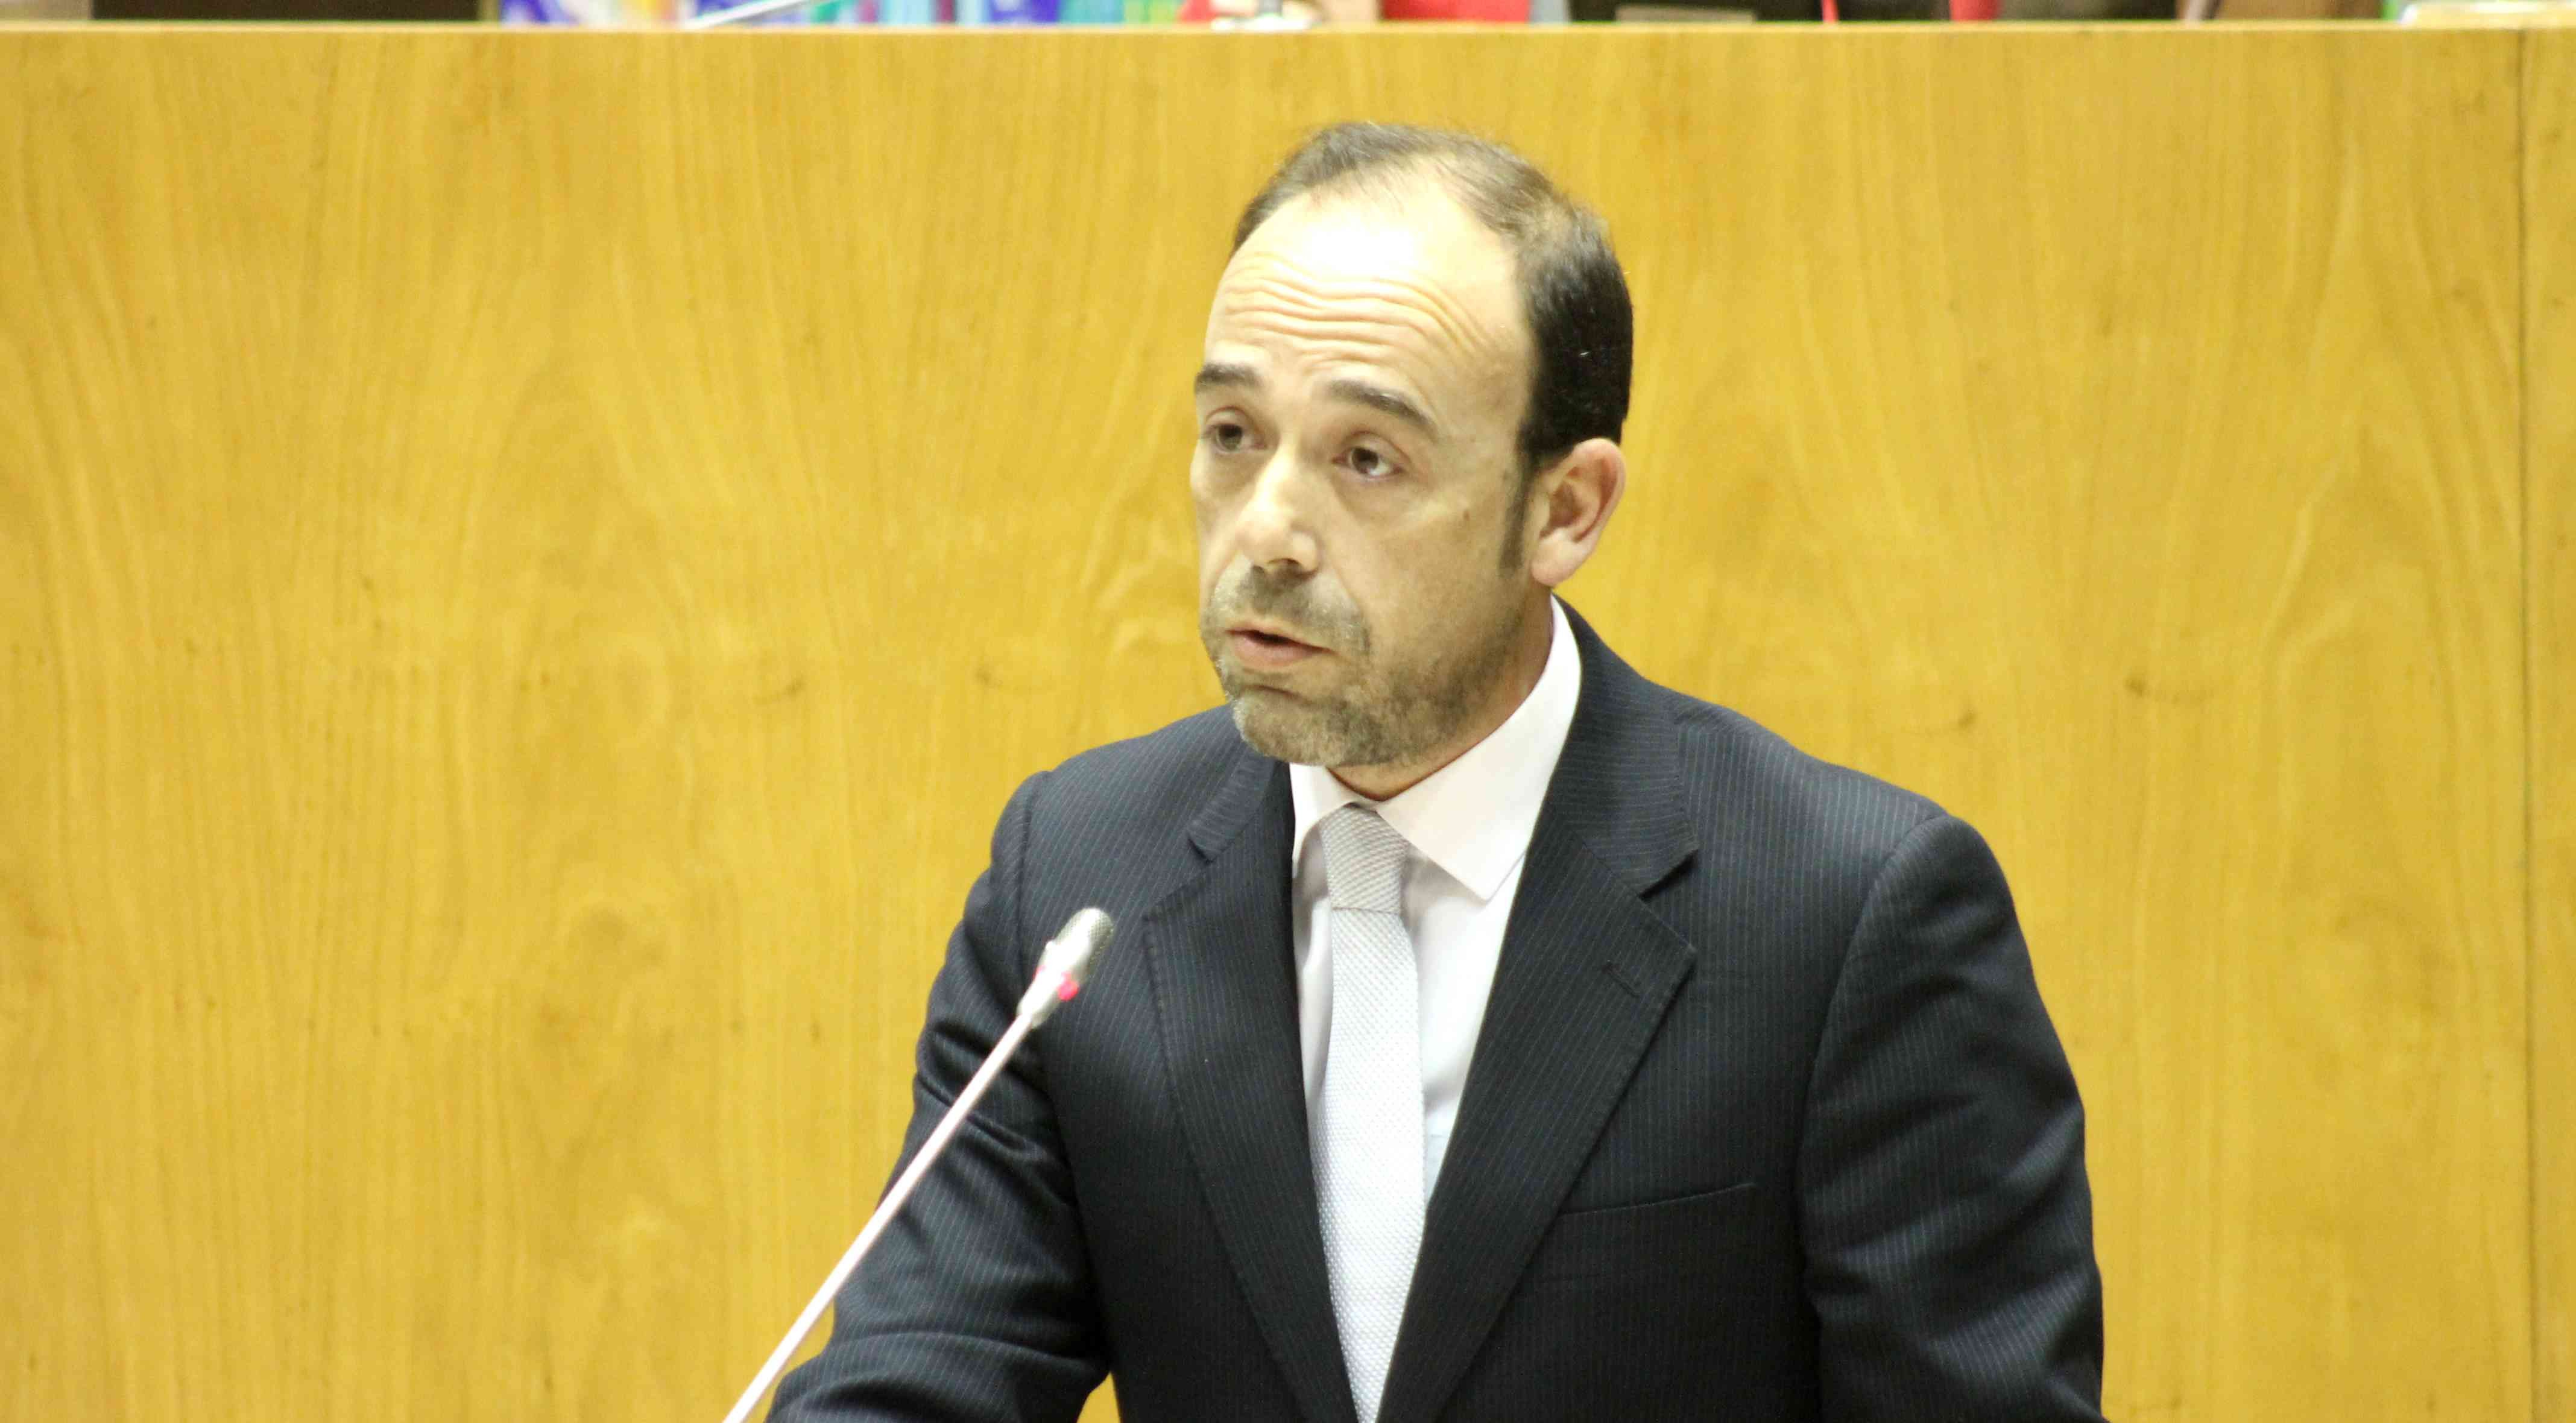 Consolidação da recuperação económica exige cooperação e diálogo entre todos, considera André Bradford